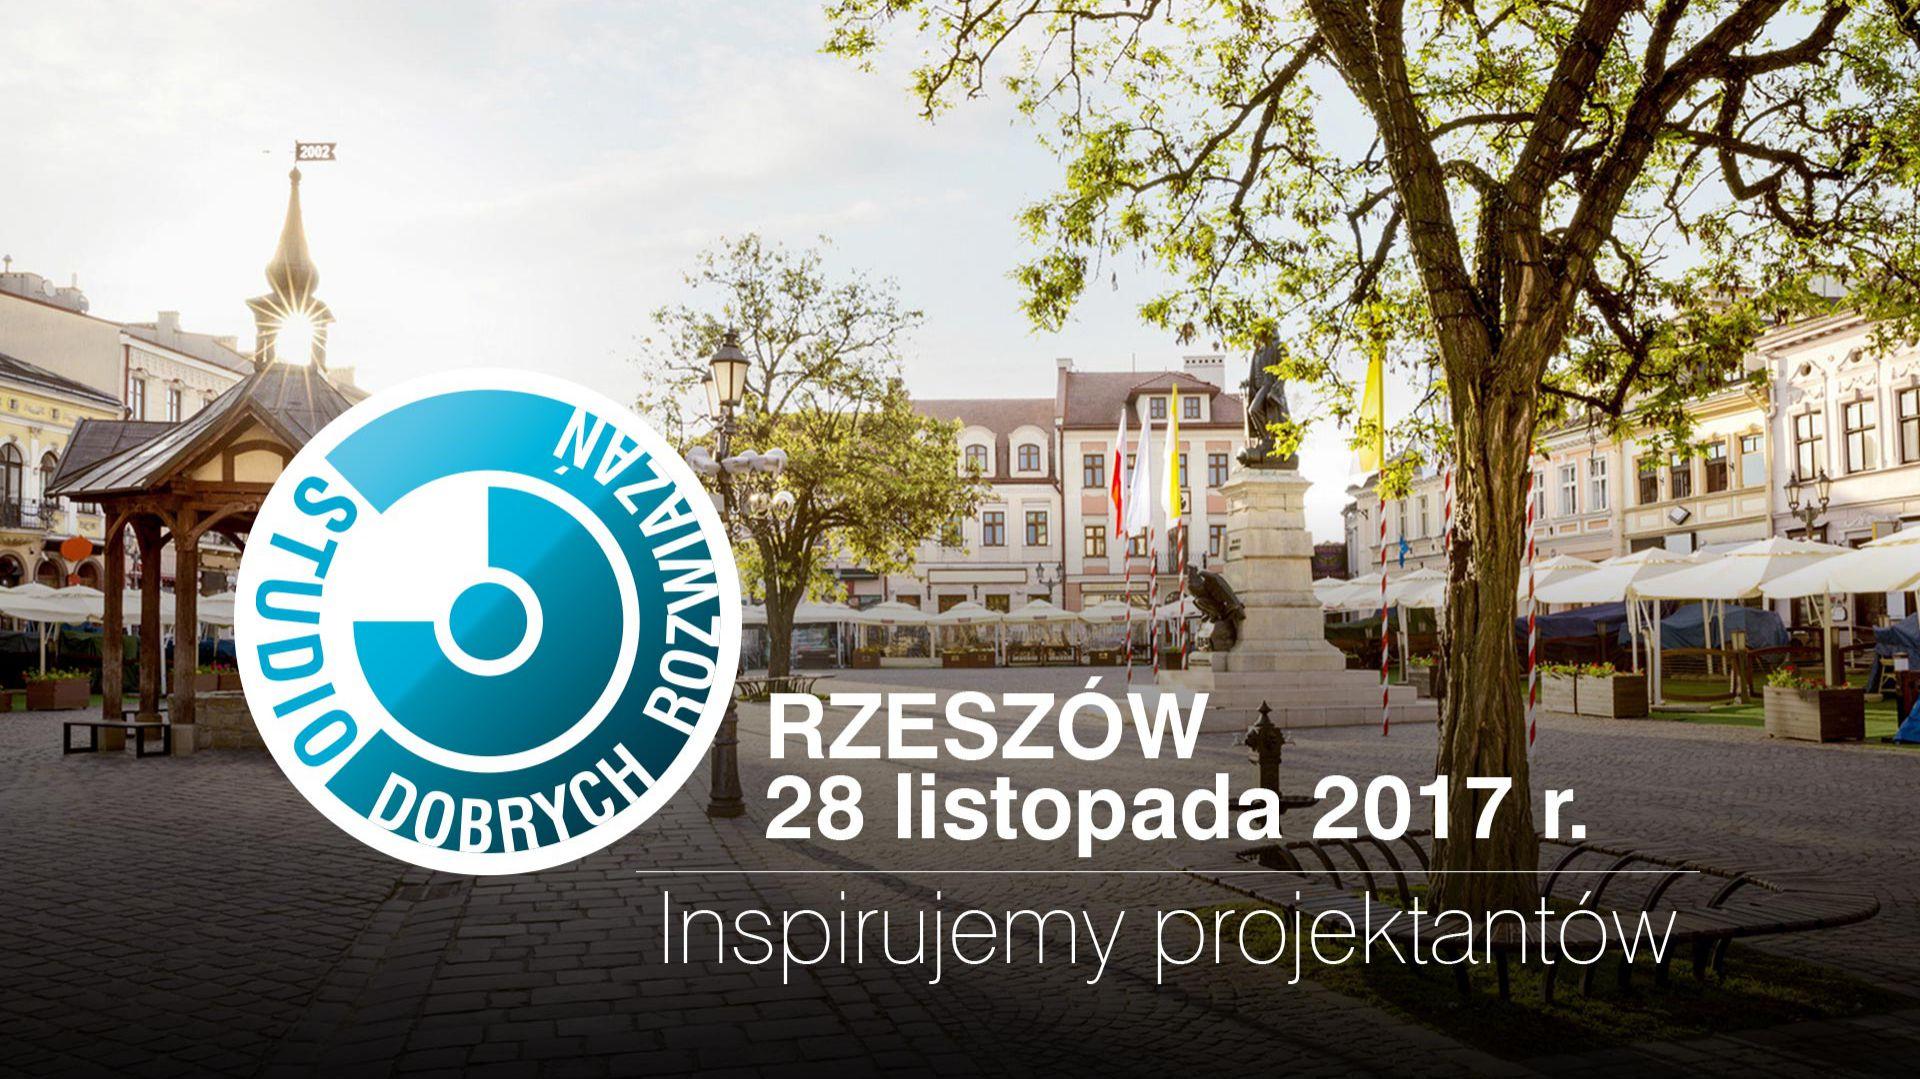 SDR Rzeszów